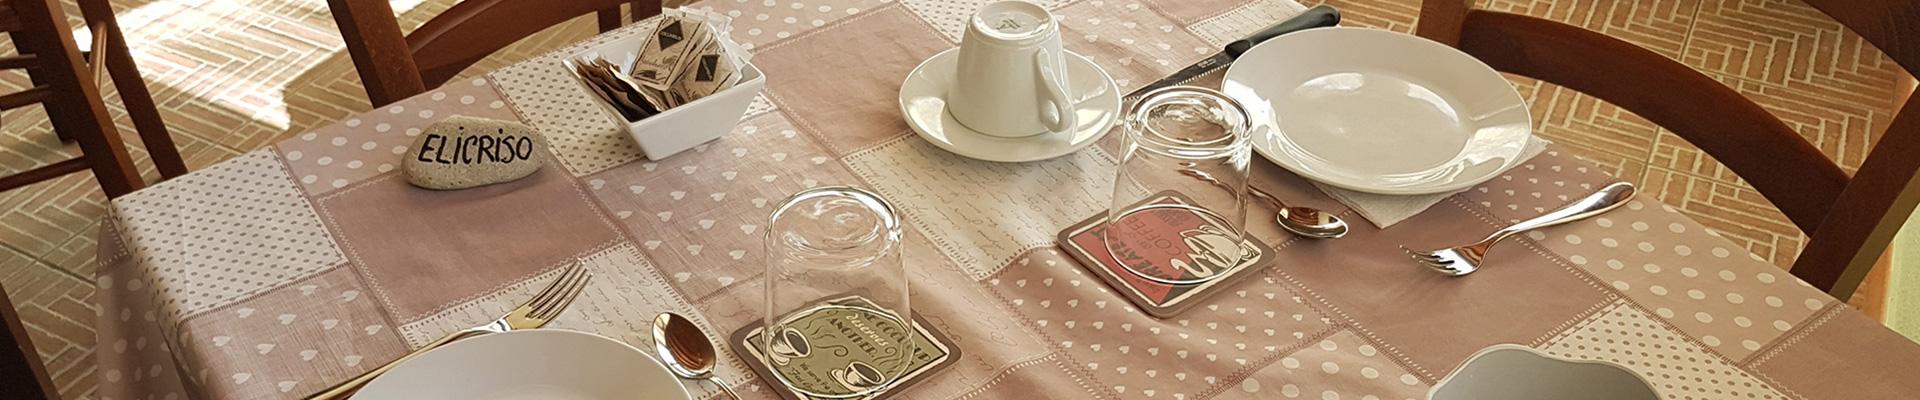 Bed & Breakfast Pintadera - Alghero - Colazione